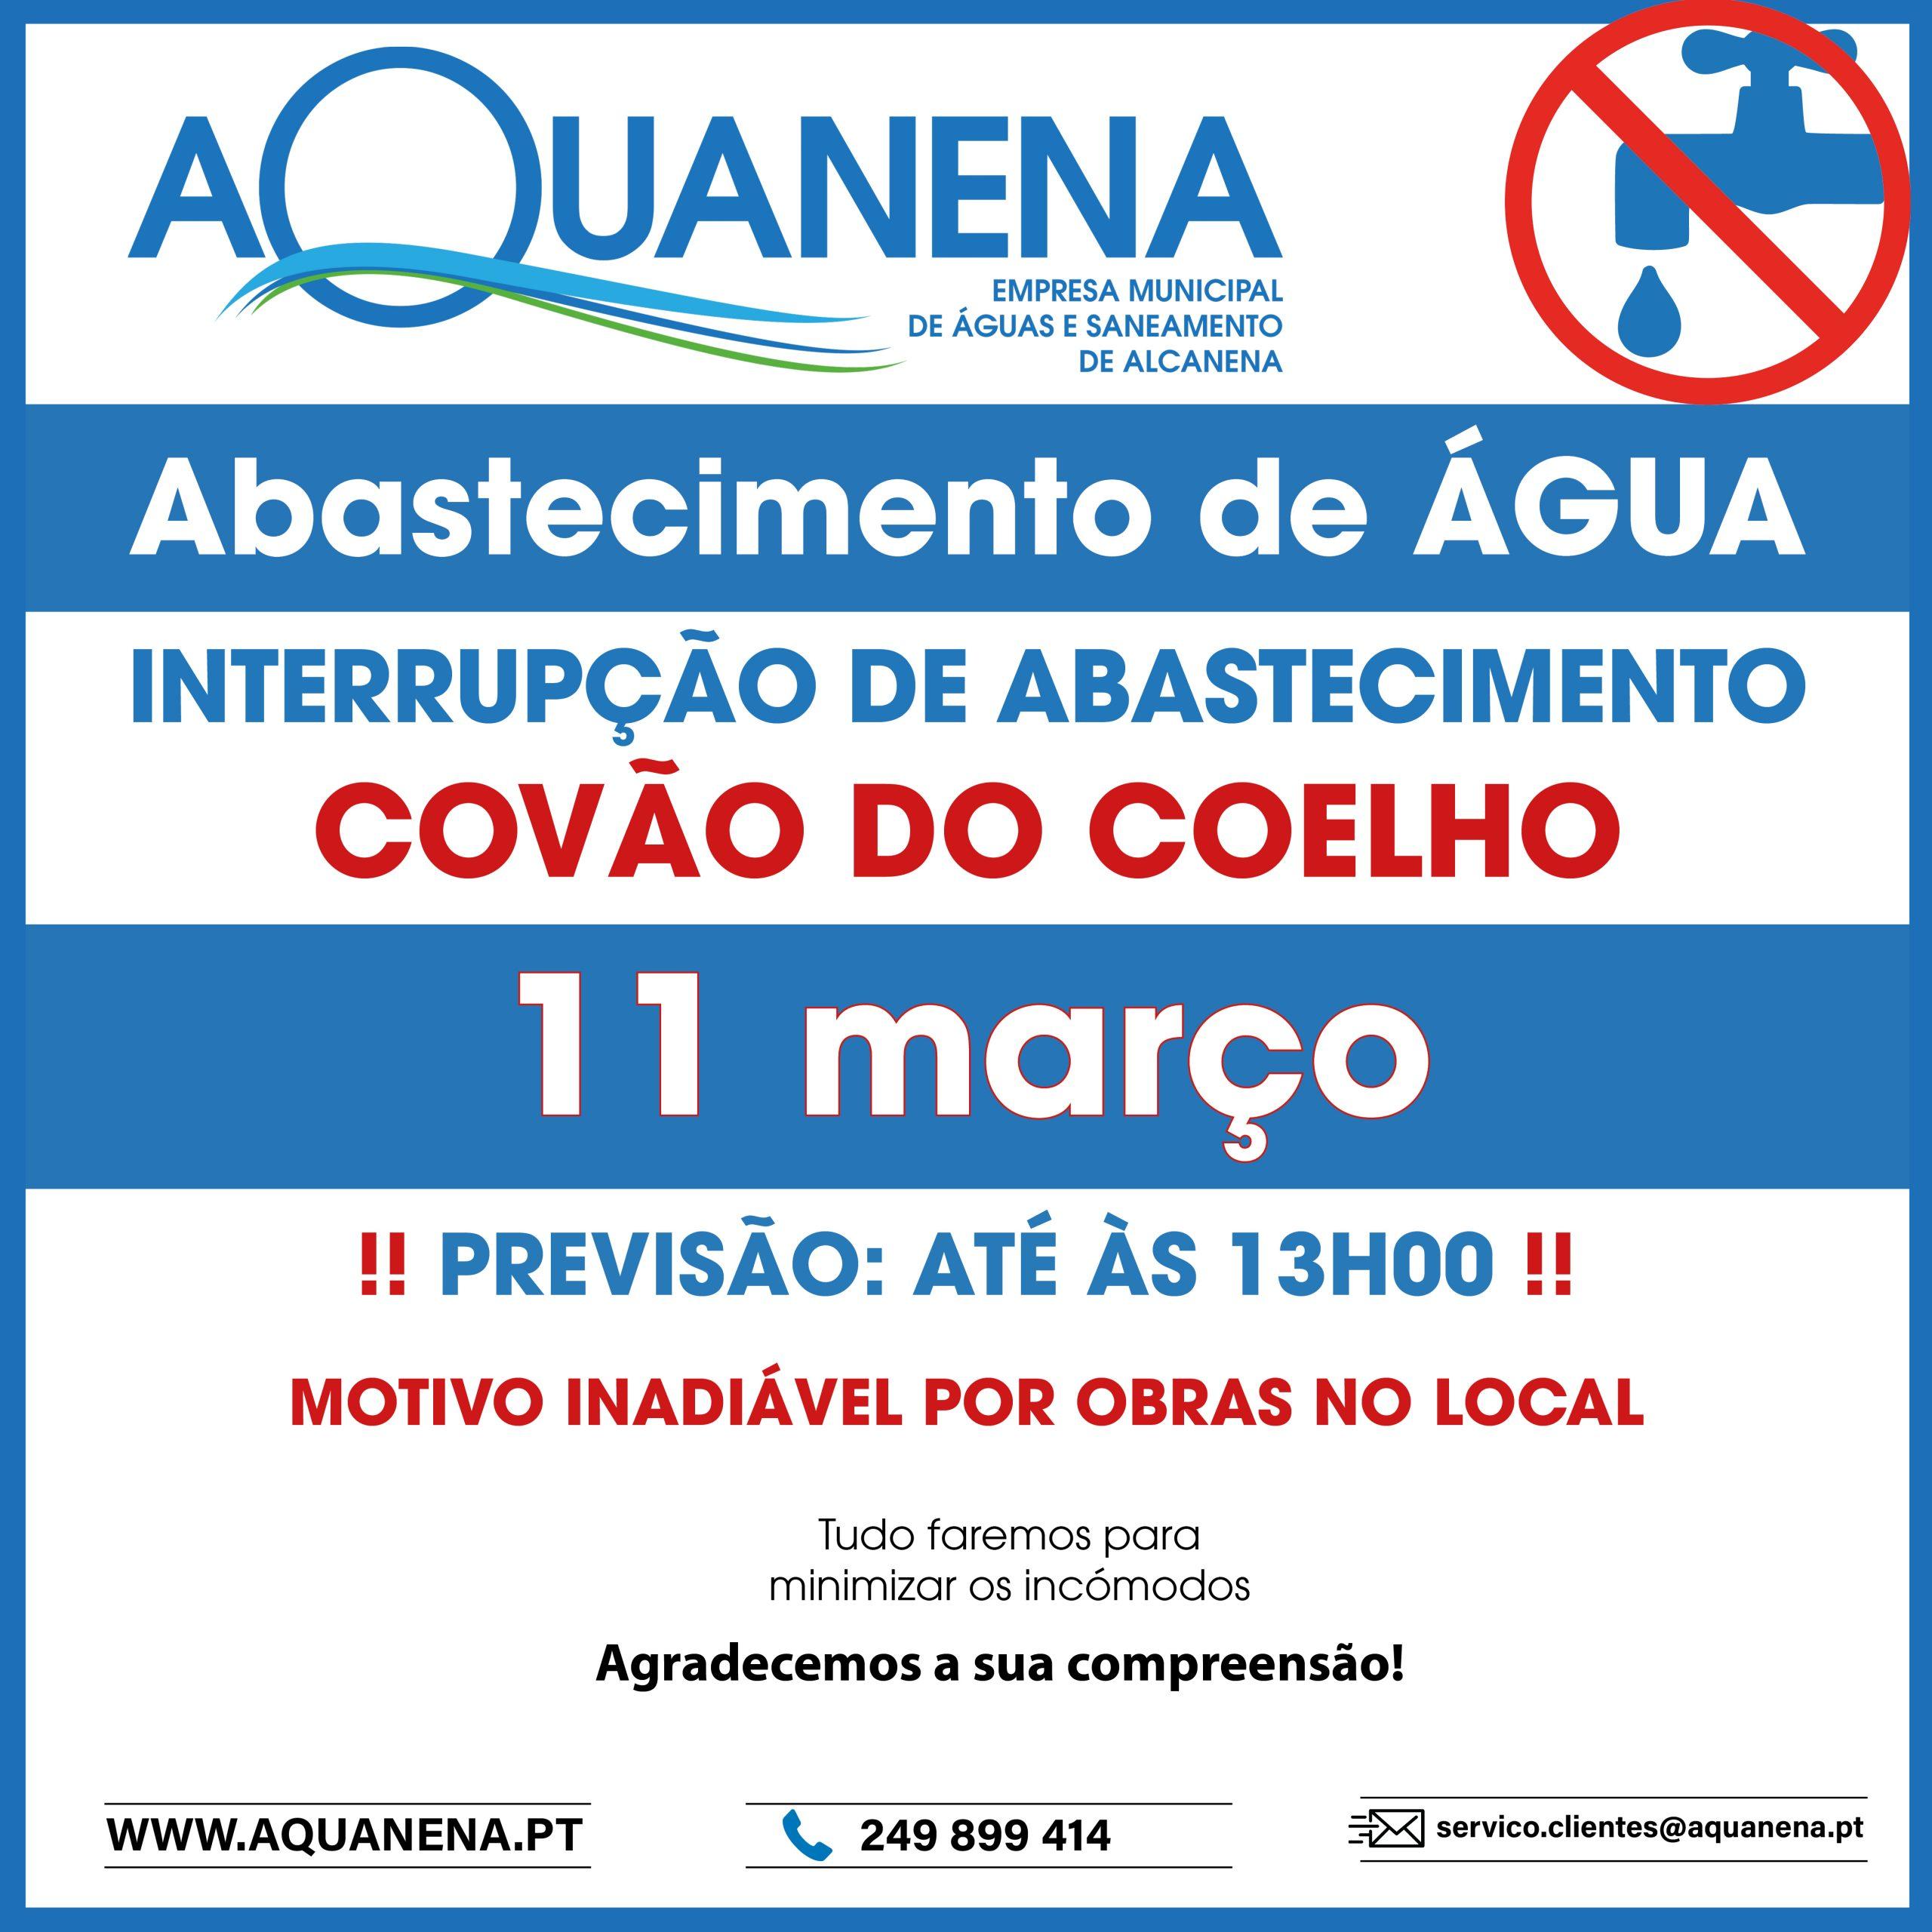 INTERRUPÇÃO de abastecimento de água em COVÃO DO COELHO | 11 MAR